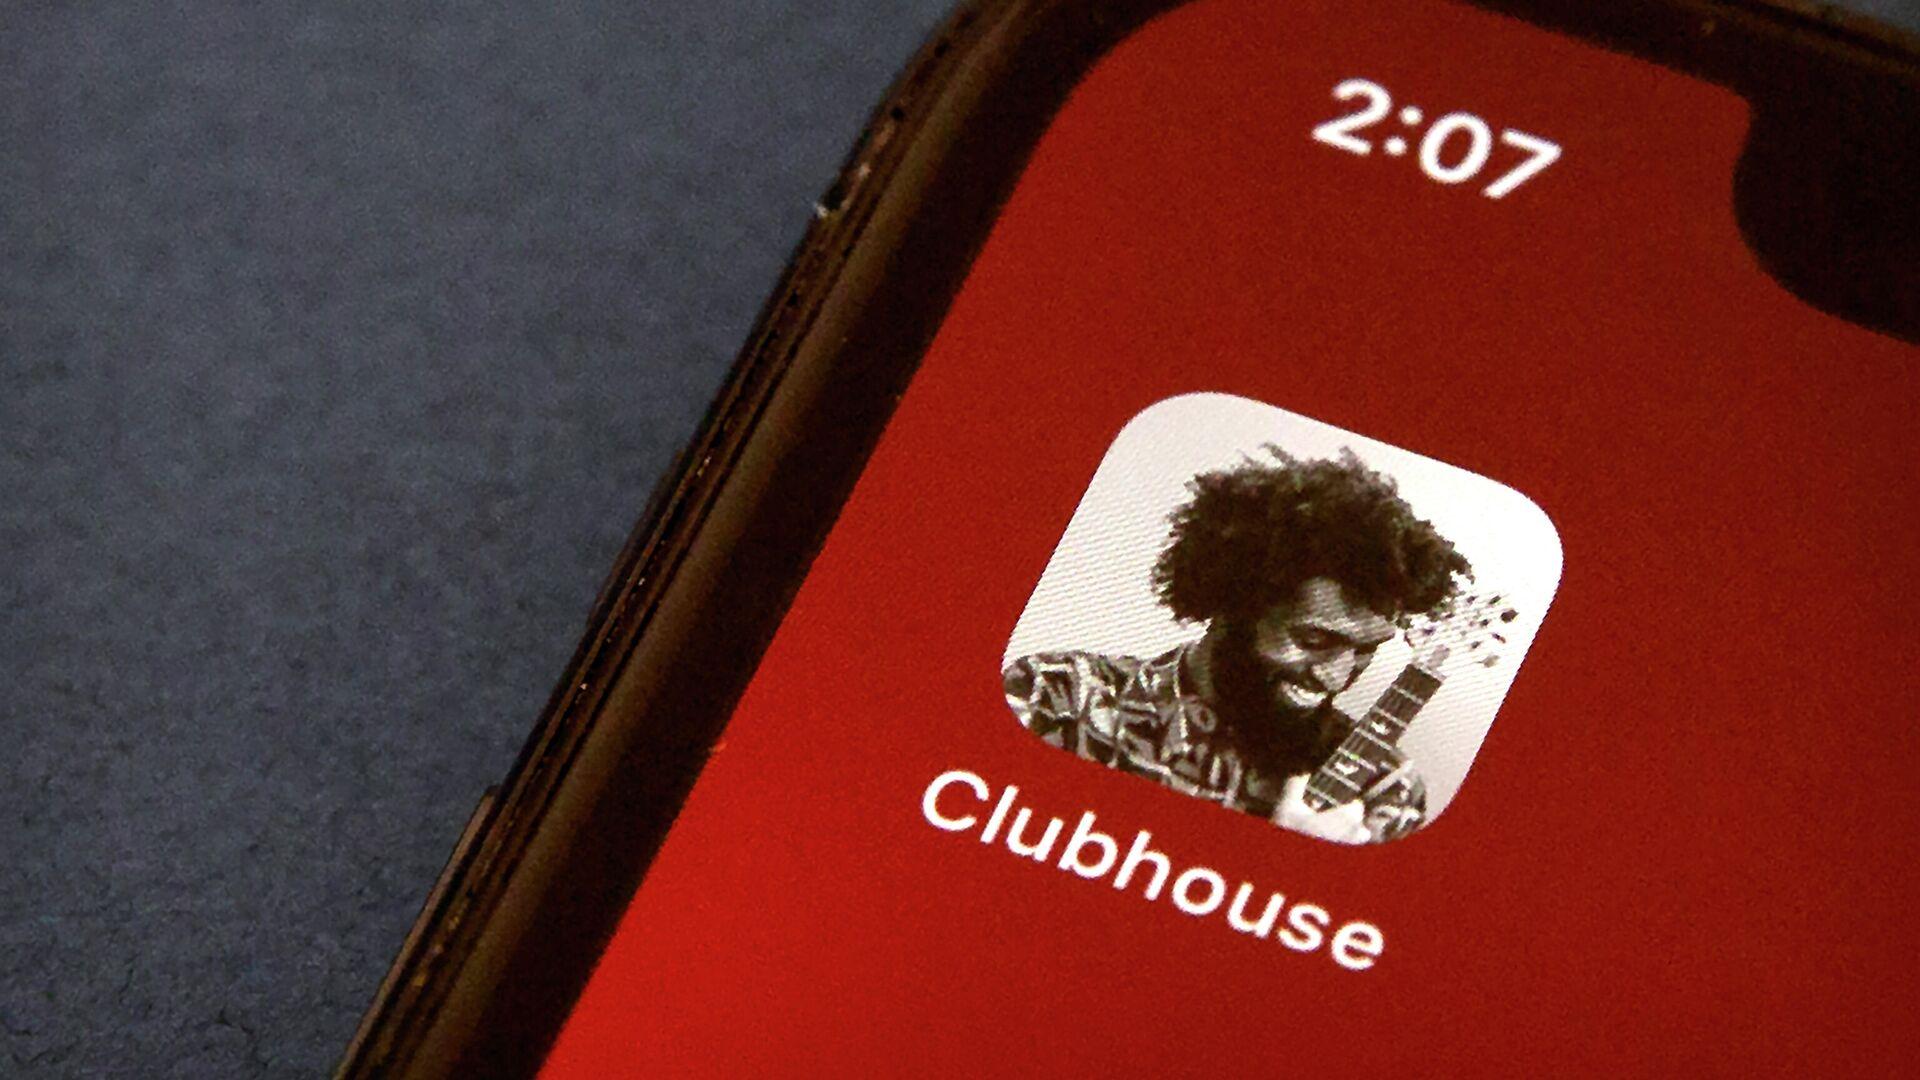 La aplicación Clubhouse - Sputnik Mundo, 1920, 11.03.2021